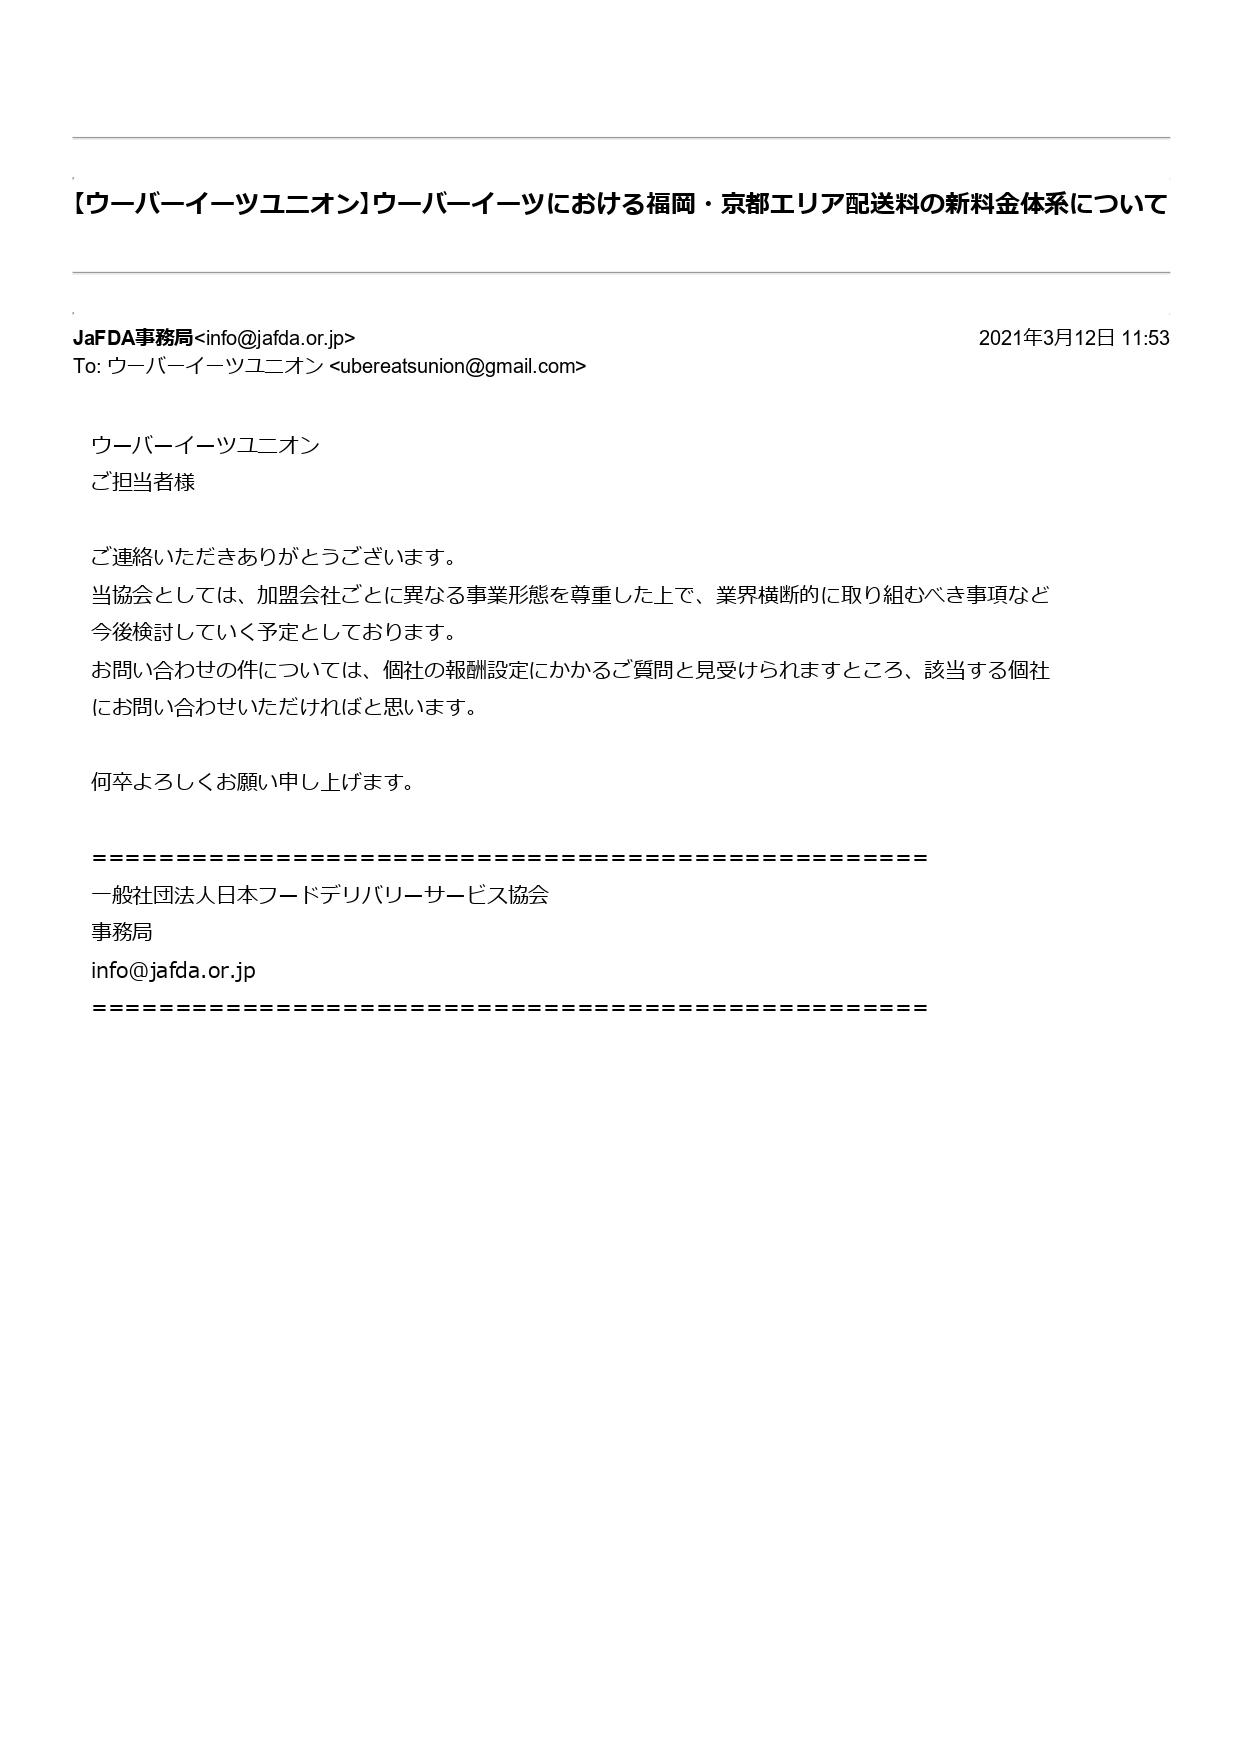 【返信】日本フードデリバリーサービス協会への公開質問状